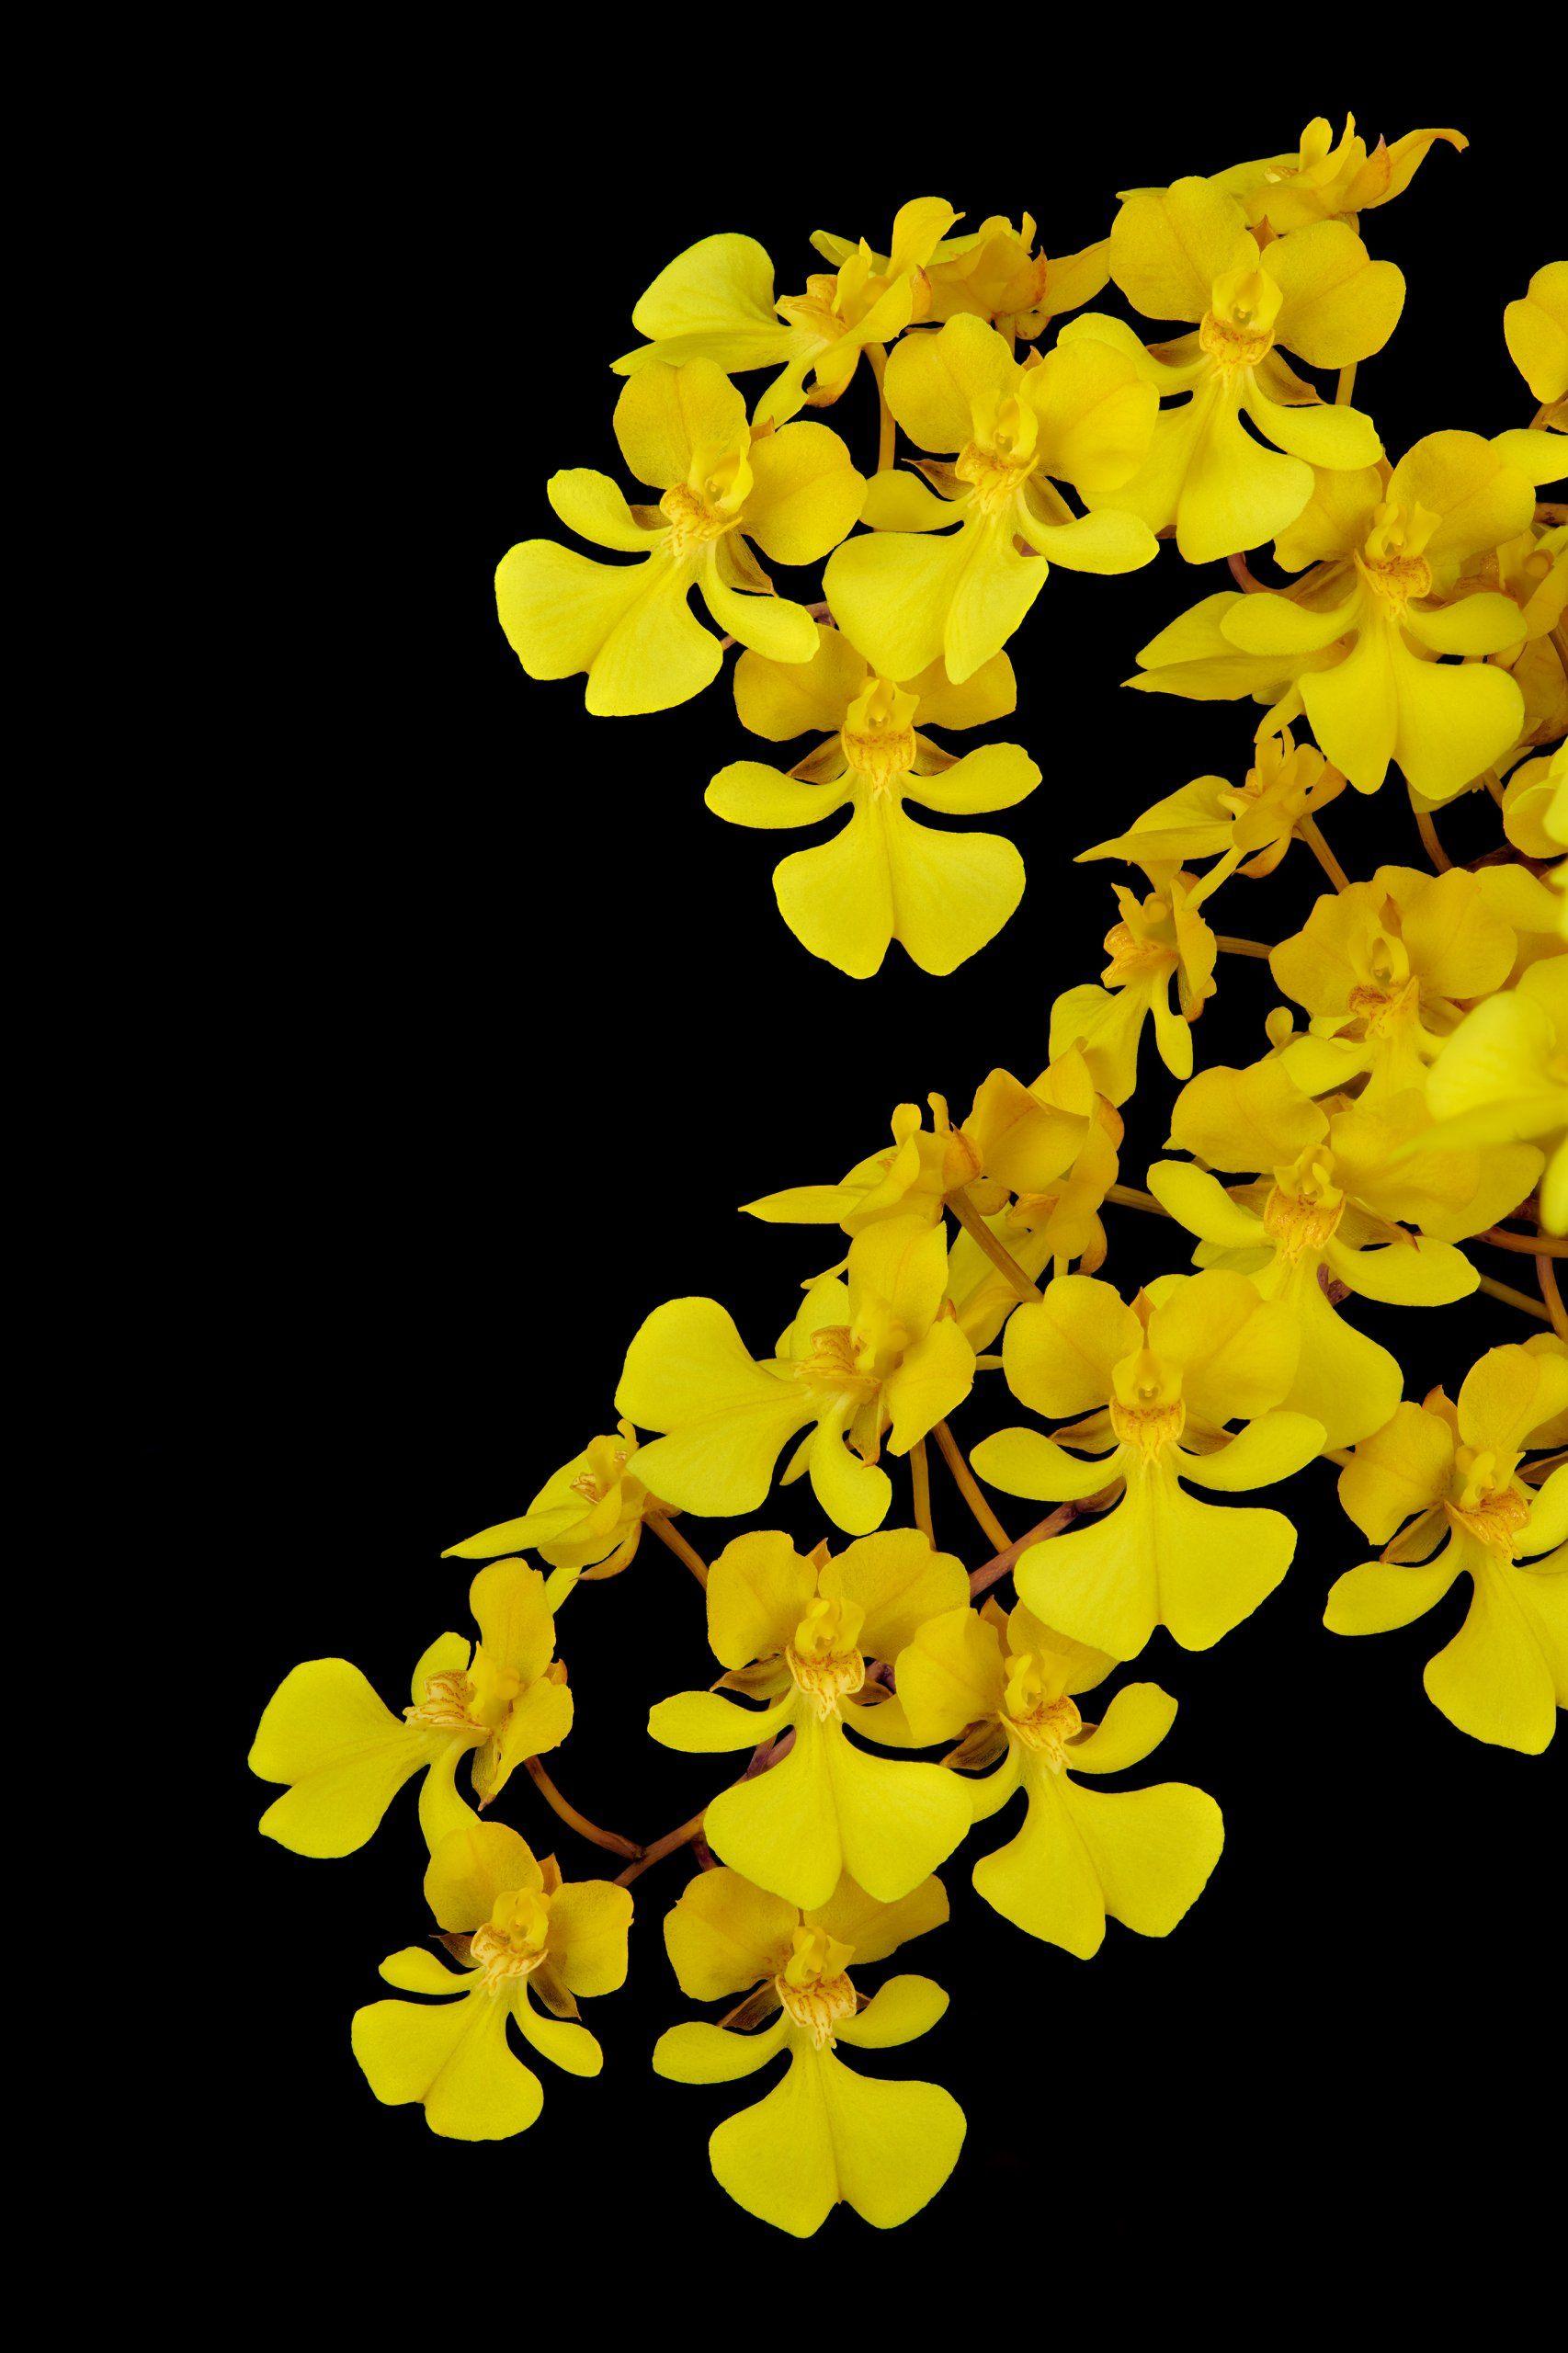 Oncidium Onustum Oncidium Wild Orchid Orchids